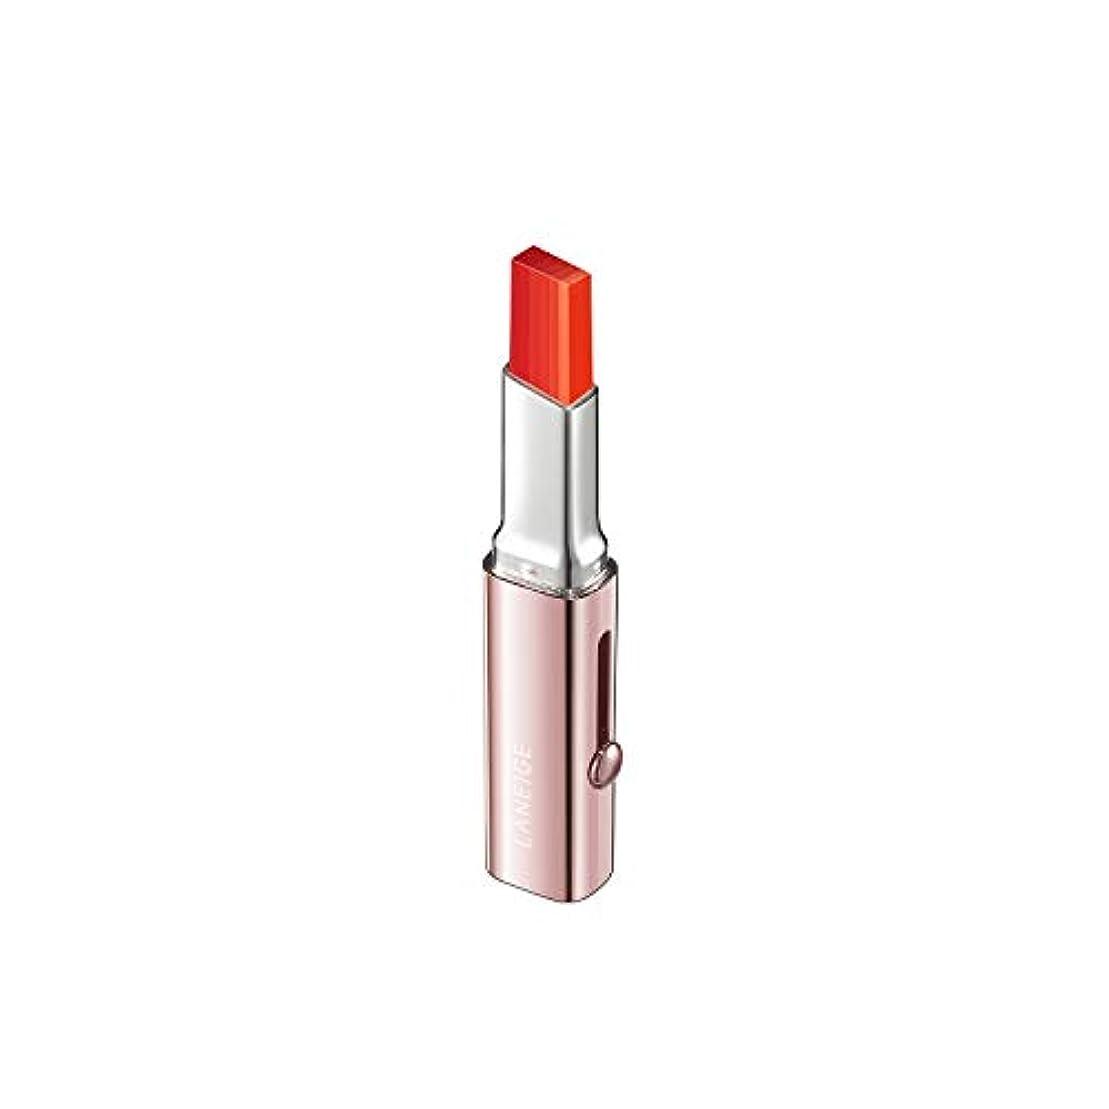 【ラネージュ】階層リップバー(1.9G)/ Layering Lip Bar-6つのカラーでのグラデーションカラー演出 (#3 GELLRUSH RED)